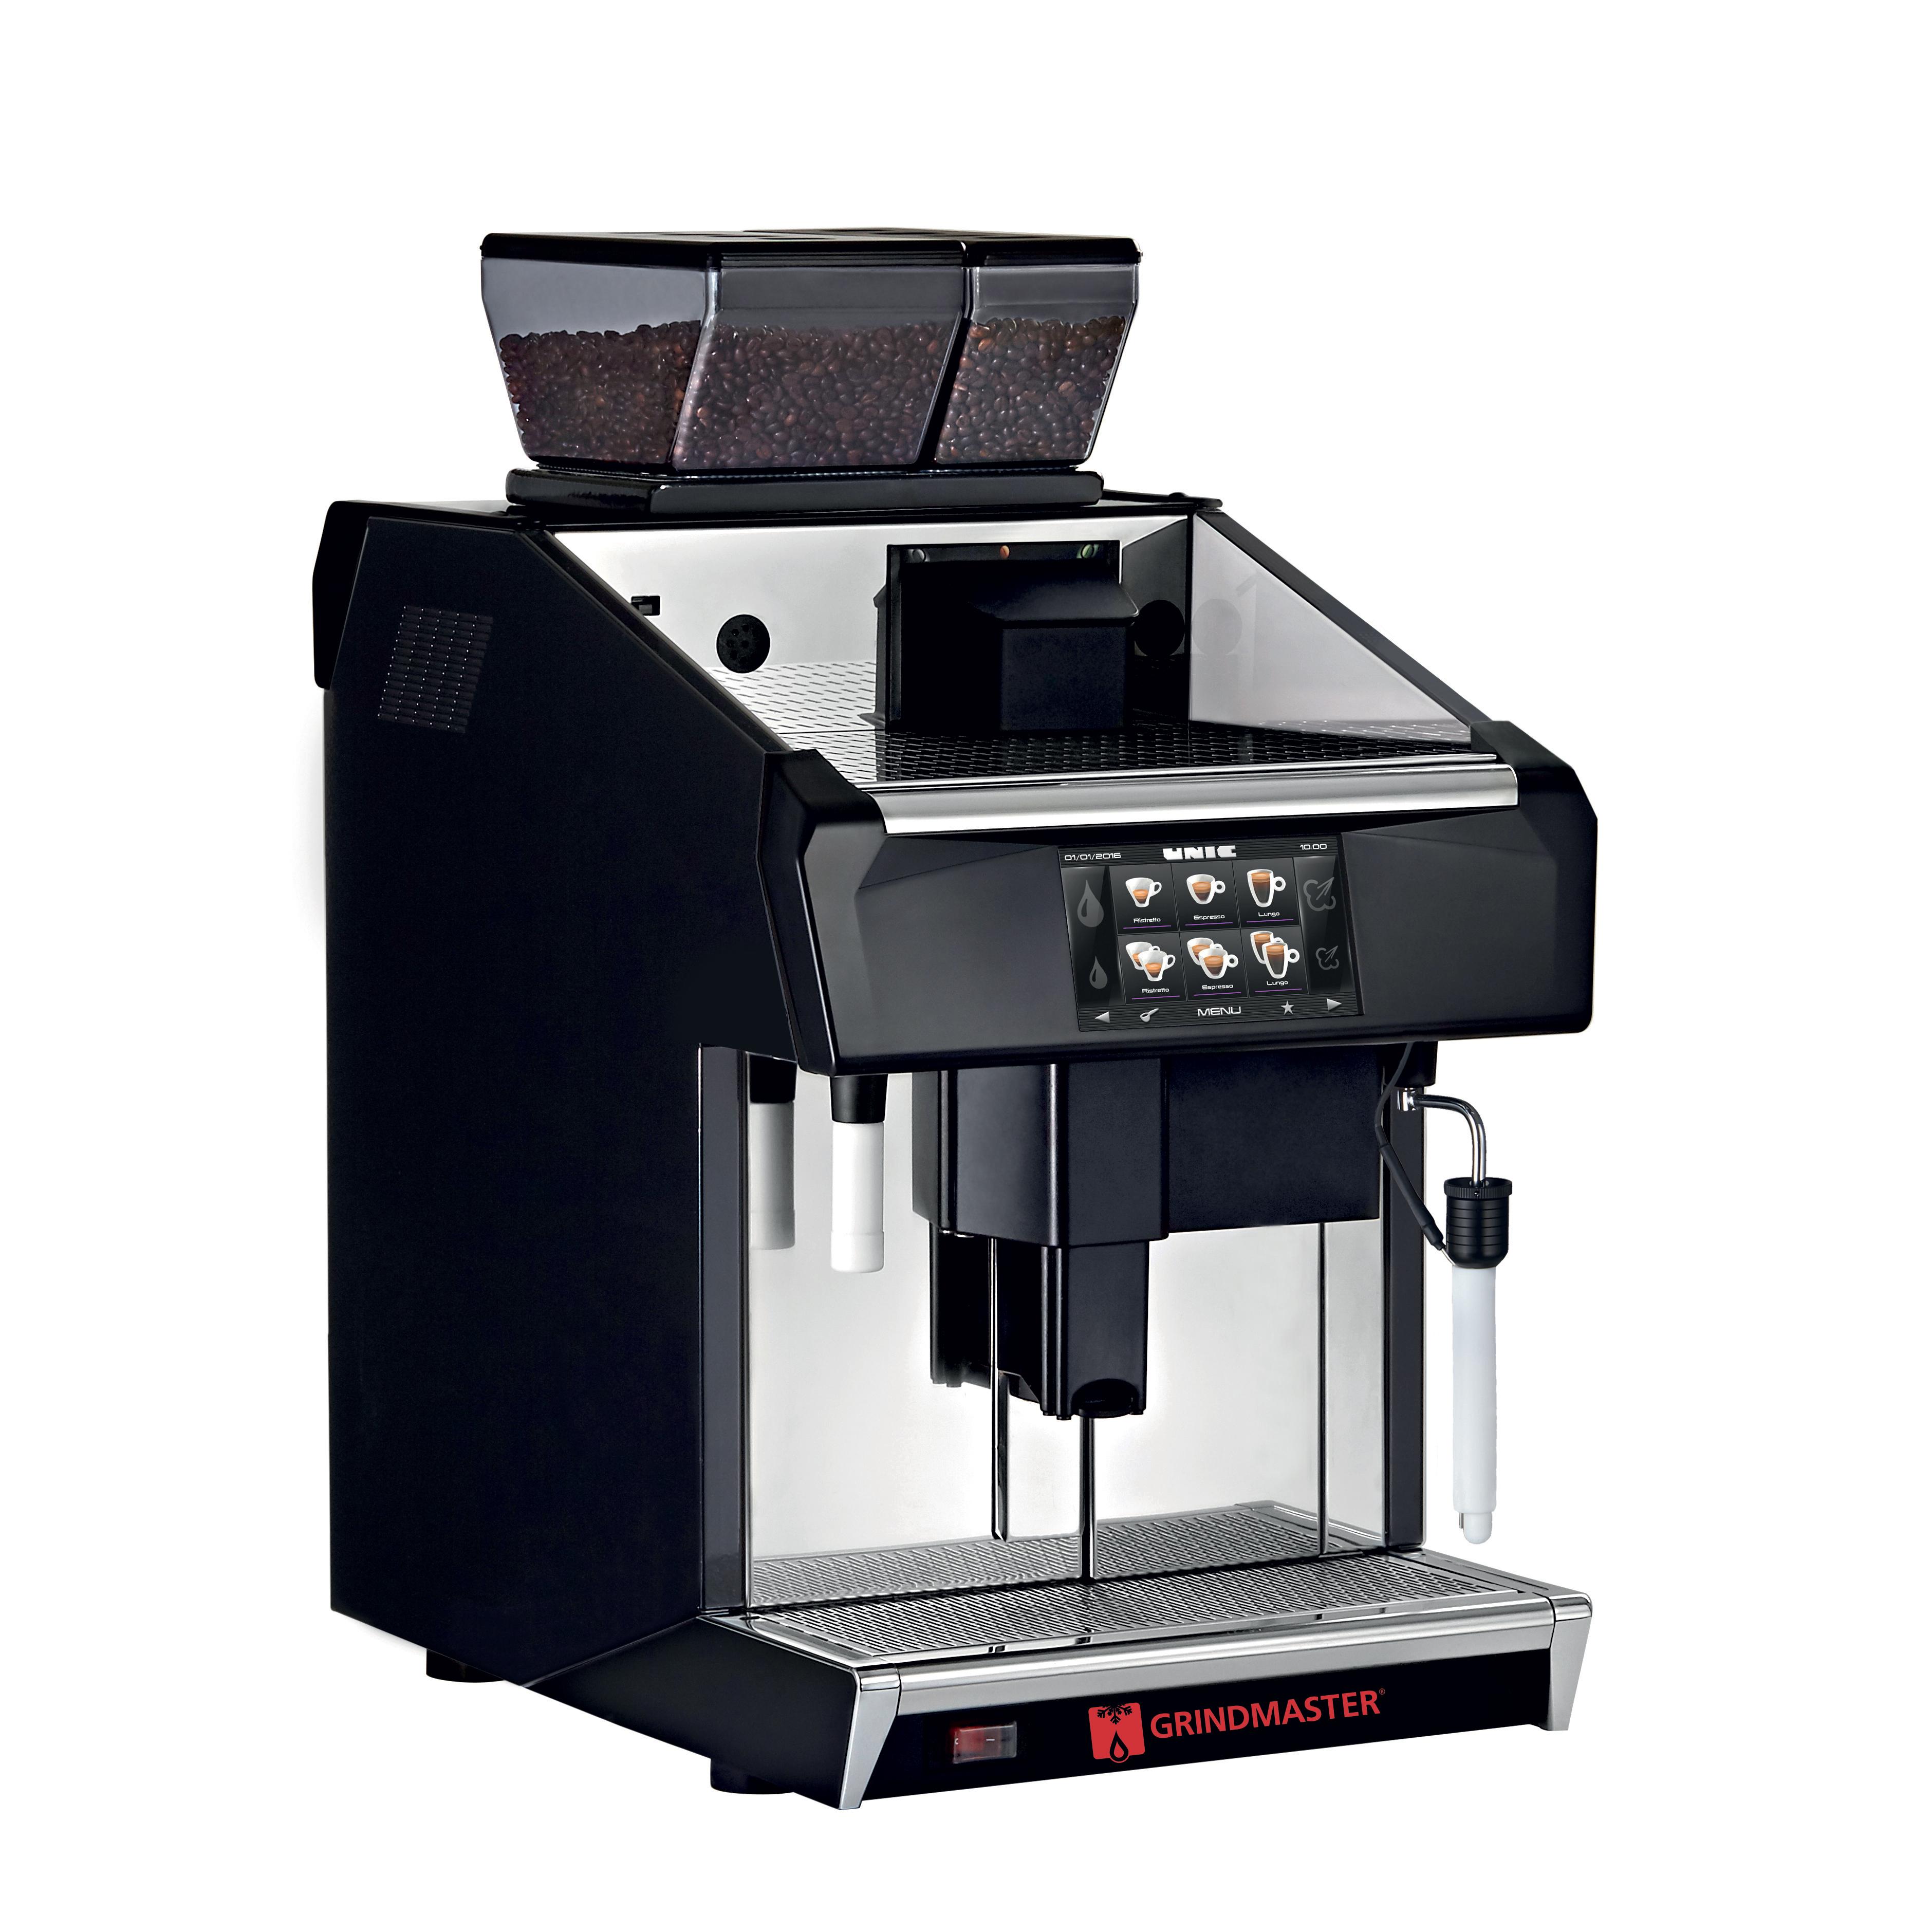 Grindmaster-Cecilware ACE L/C MILK espresso cappuccino machine